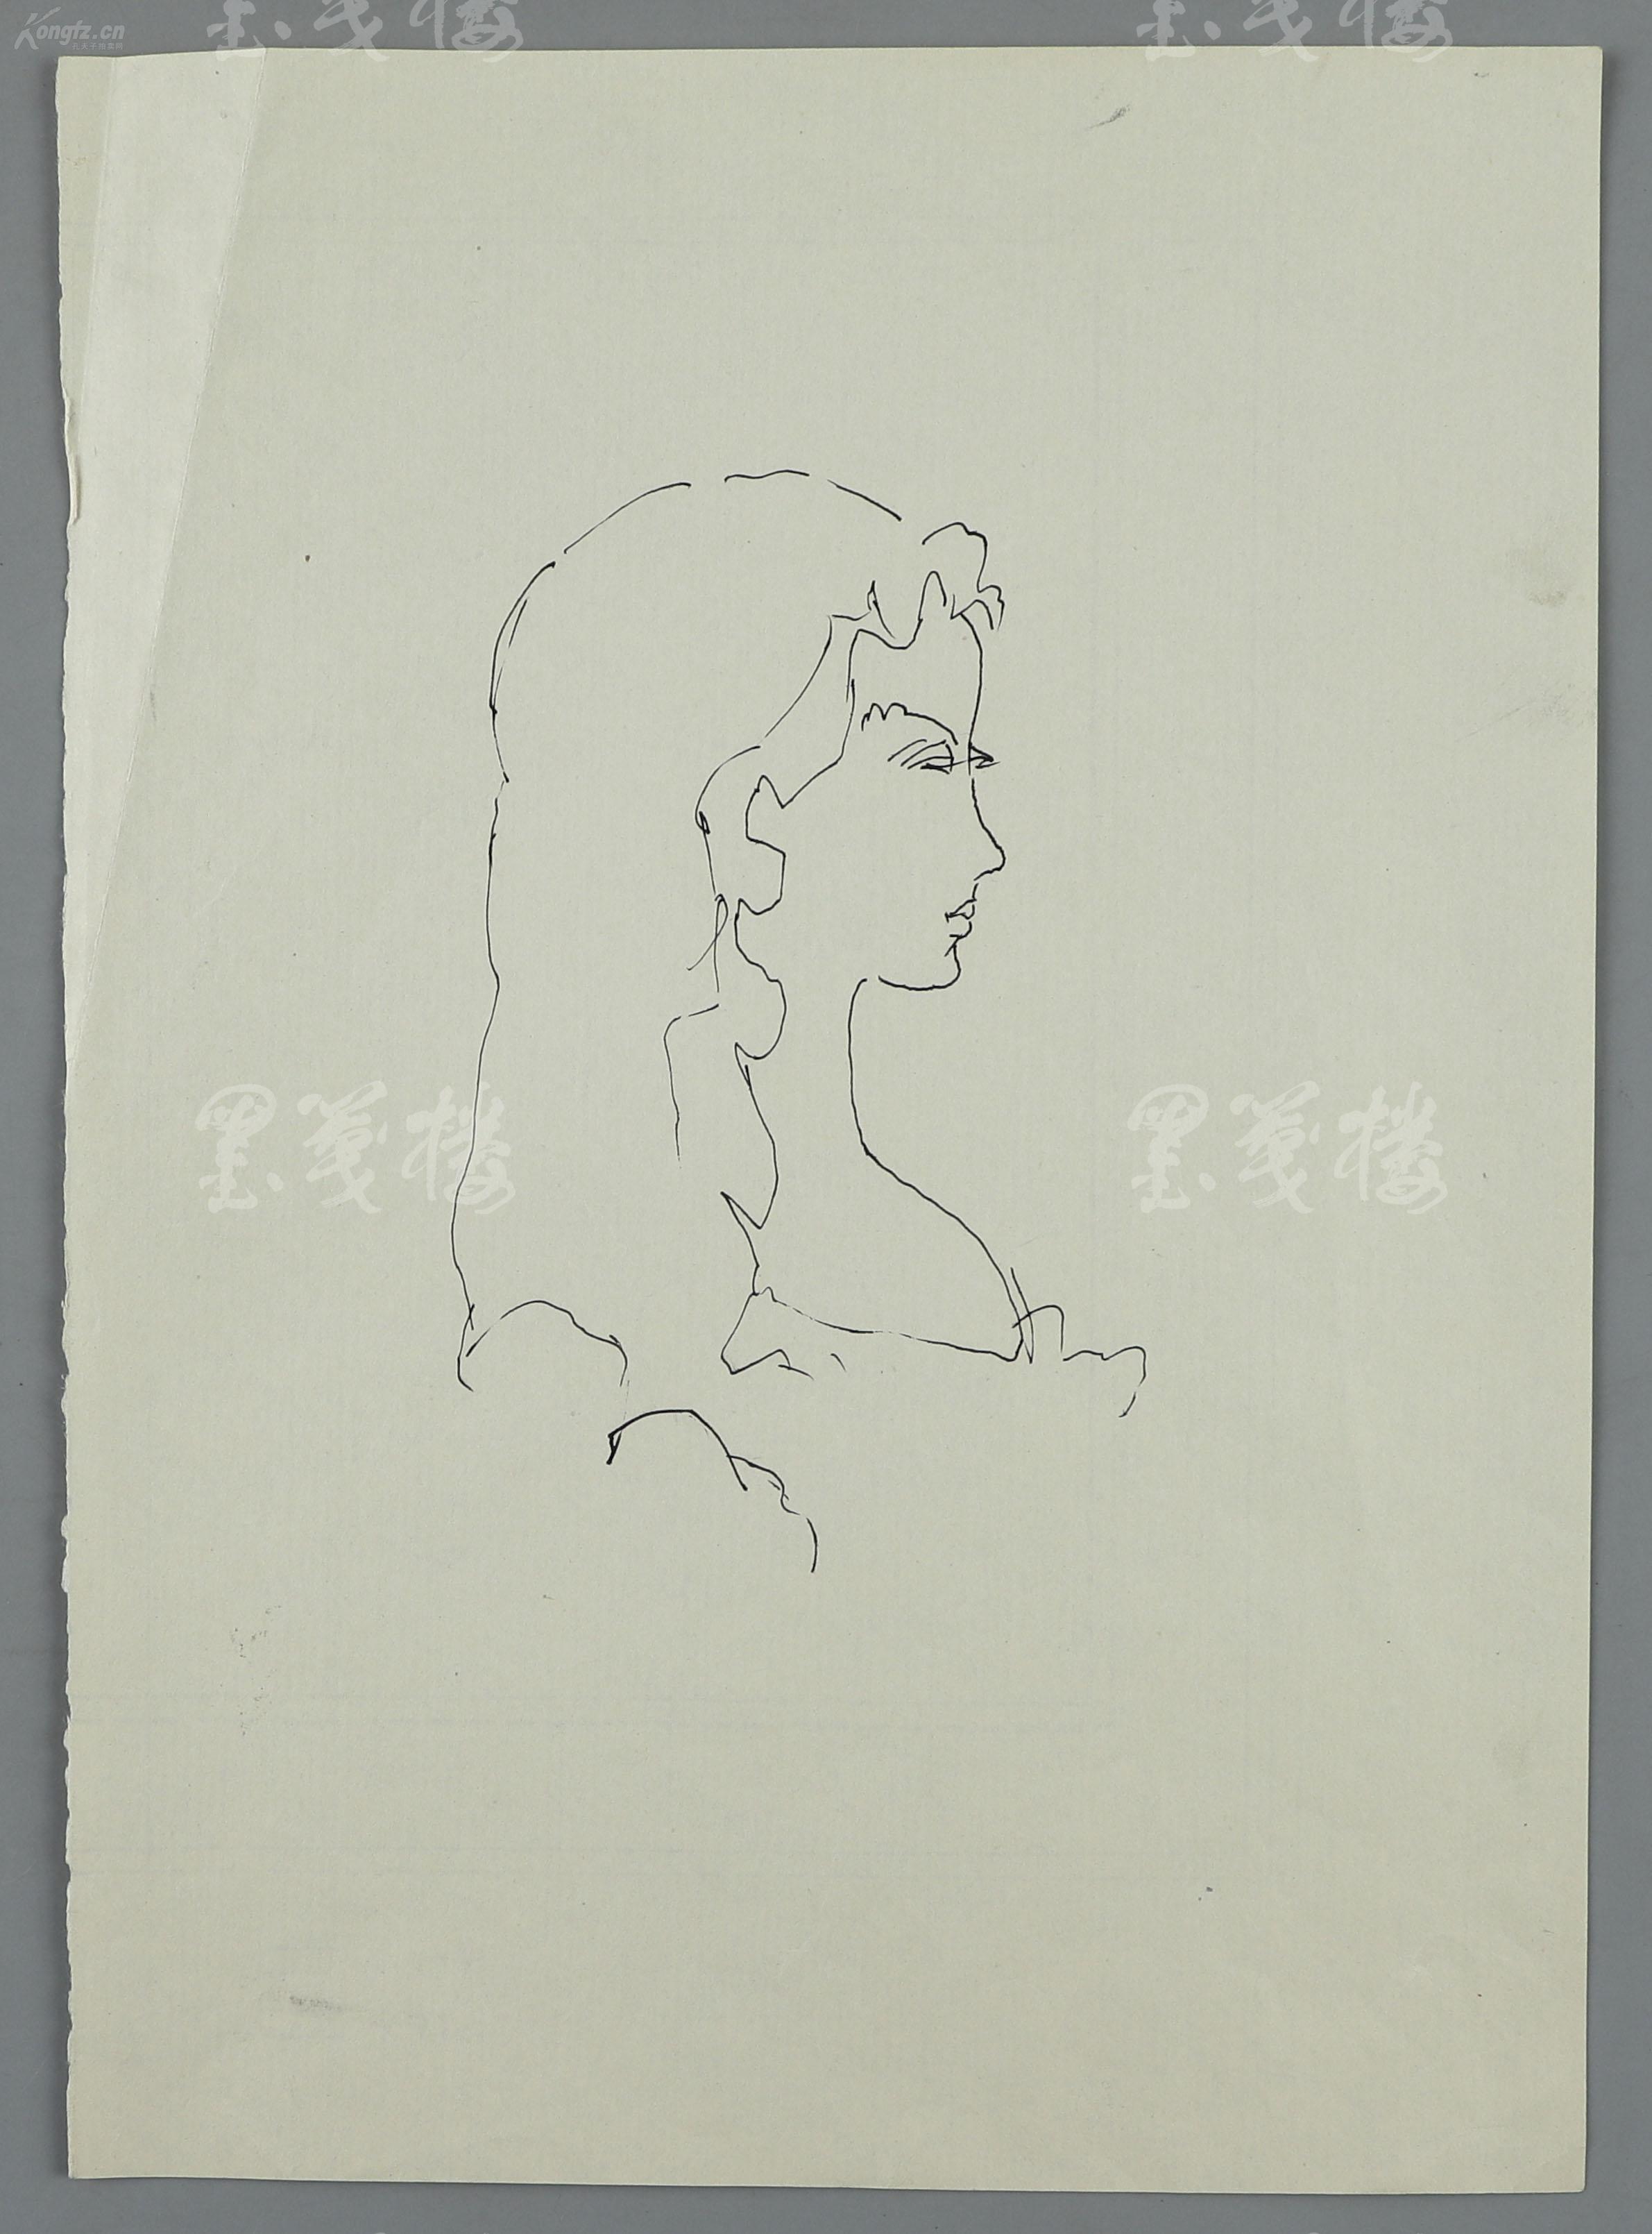 著名画家 装帧艺术家 原中国人民大学徐悲鸿艺术学院教授 张守义 绘 茶花女 封面小稿,及作者 小仲马 像两幅 纸本软片,钤印 义 HXTX117701